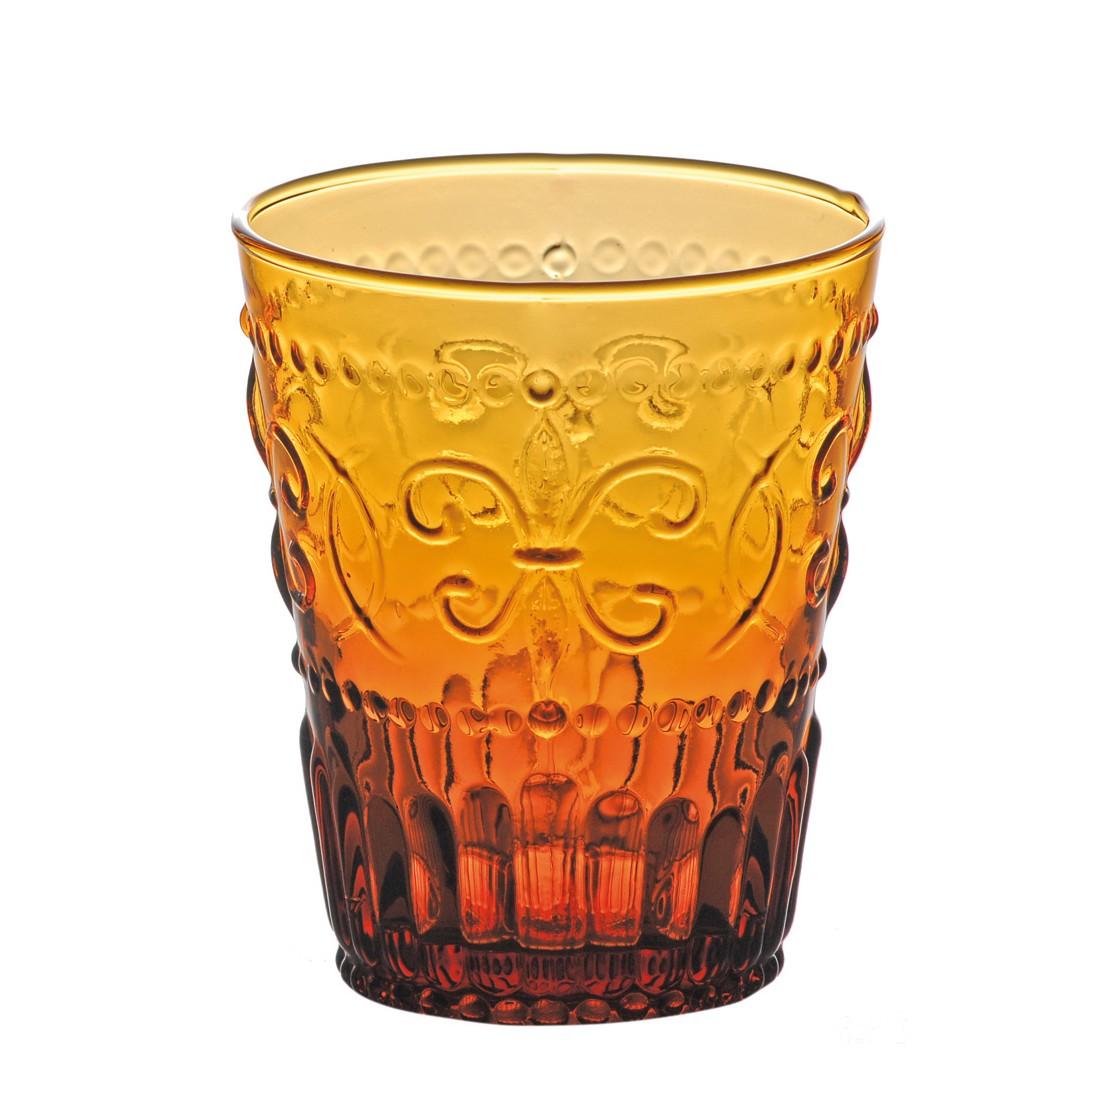 Trinkglas Firenze (6er-Set) – Glas – Bernstein, BITOSSI HOME günstig online kaufen